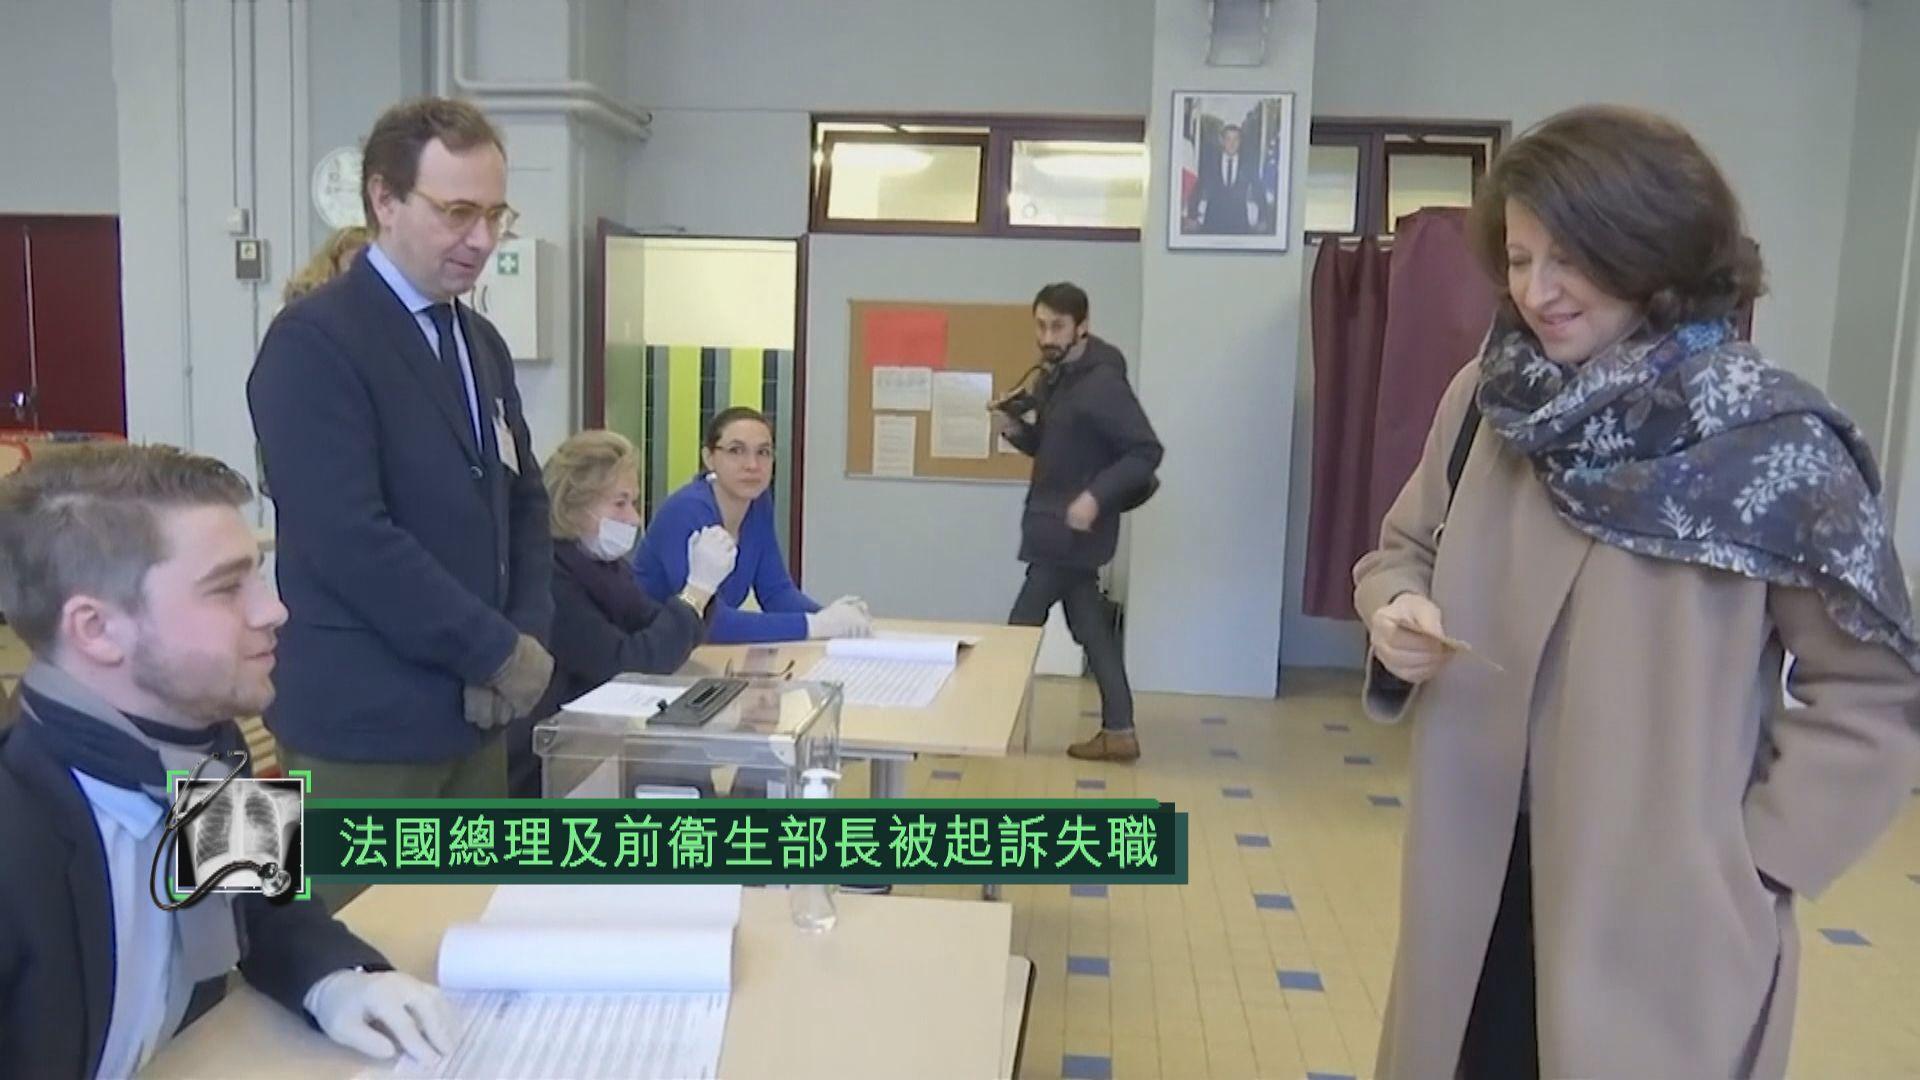 法國總理及前衞生部長被當地醫生起訴失職